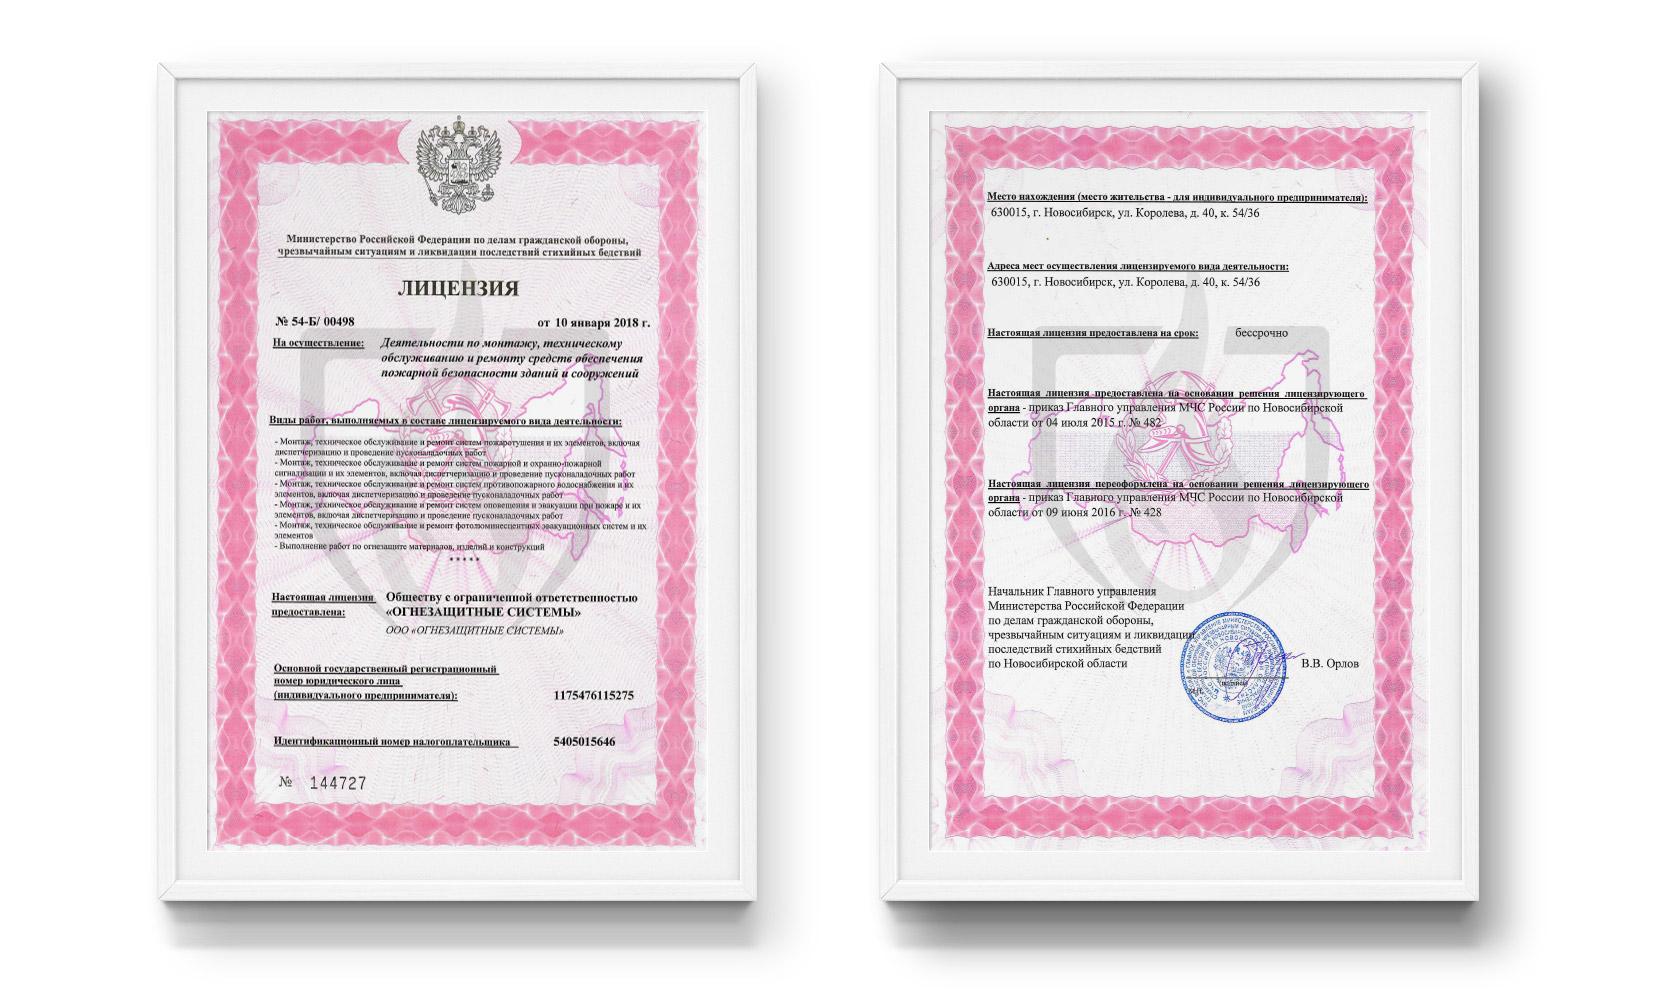 Лицензия на осуществление: Деятельности по монтажу, техническому обслуживанию и ремонту средств обеспечения пожарной безопасности зданий и сооружений.